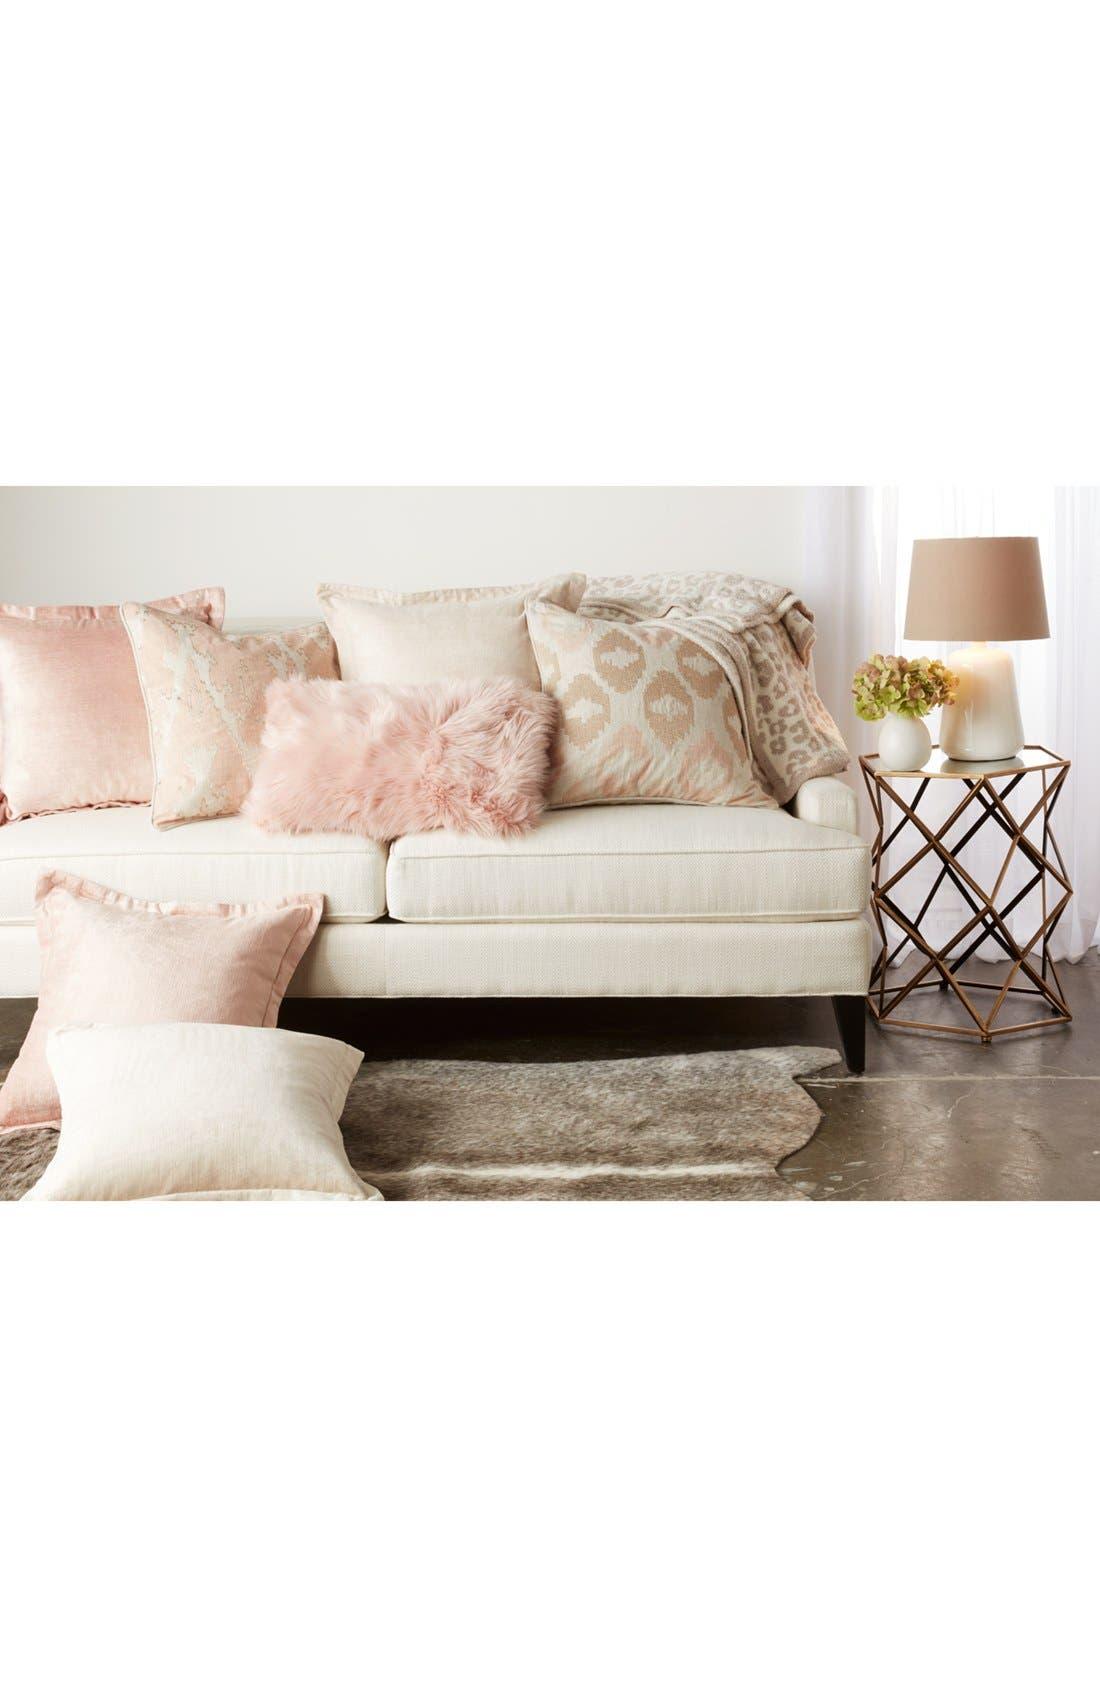 MINA VICTORY 'Sumptuous' Faux Fur Accent Pillow, Main, color, 250